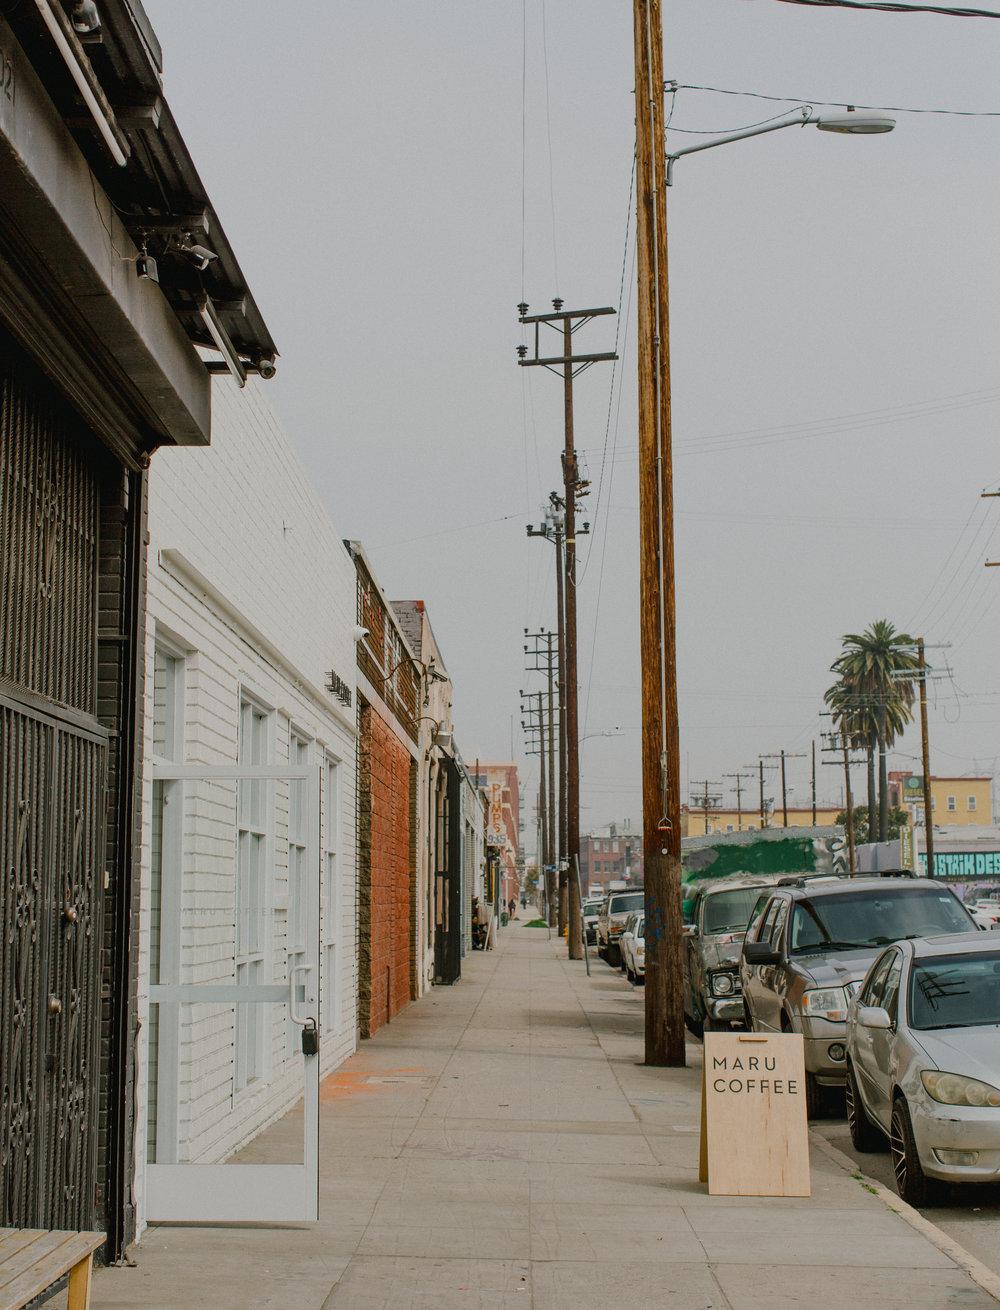 LA-Downtowner-Maru-Coffee-03.jpg